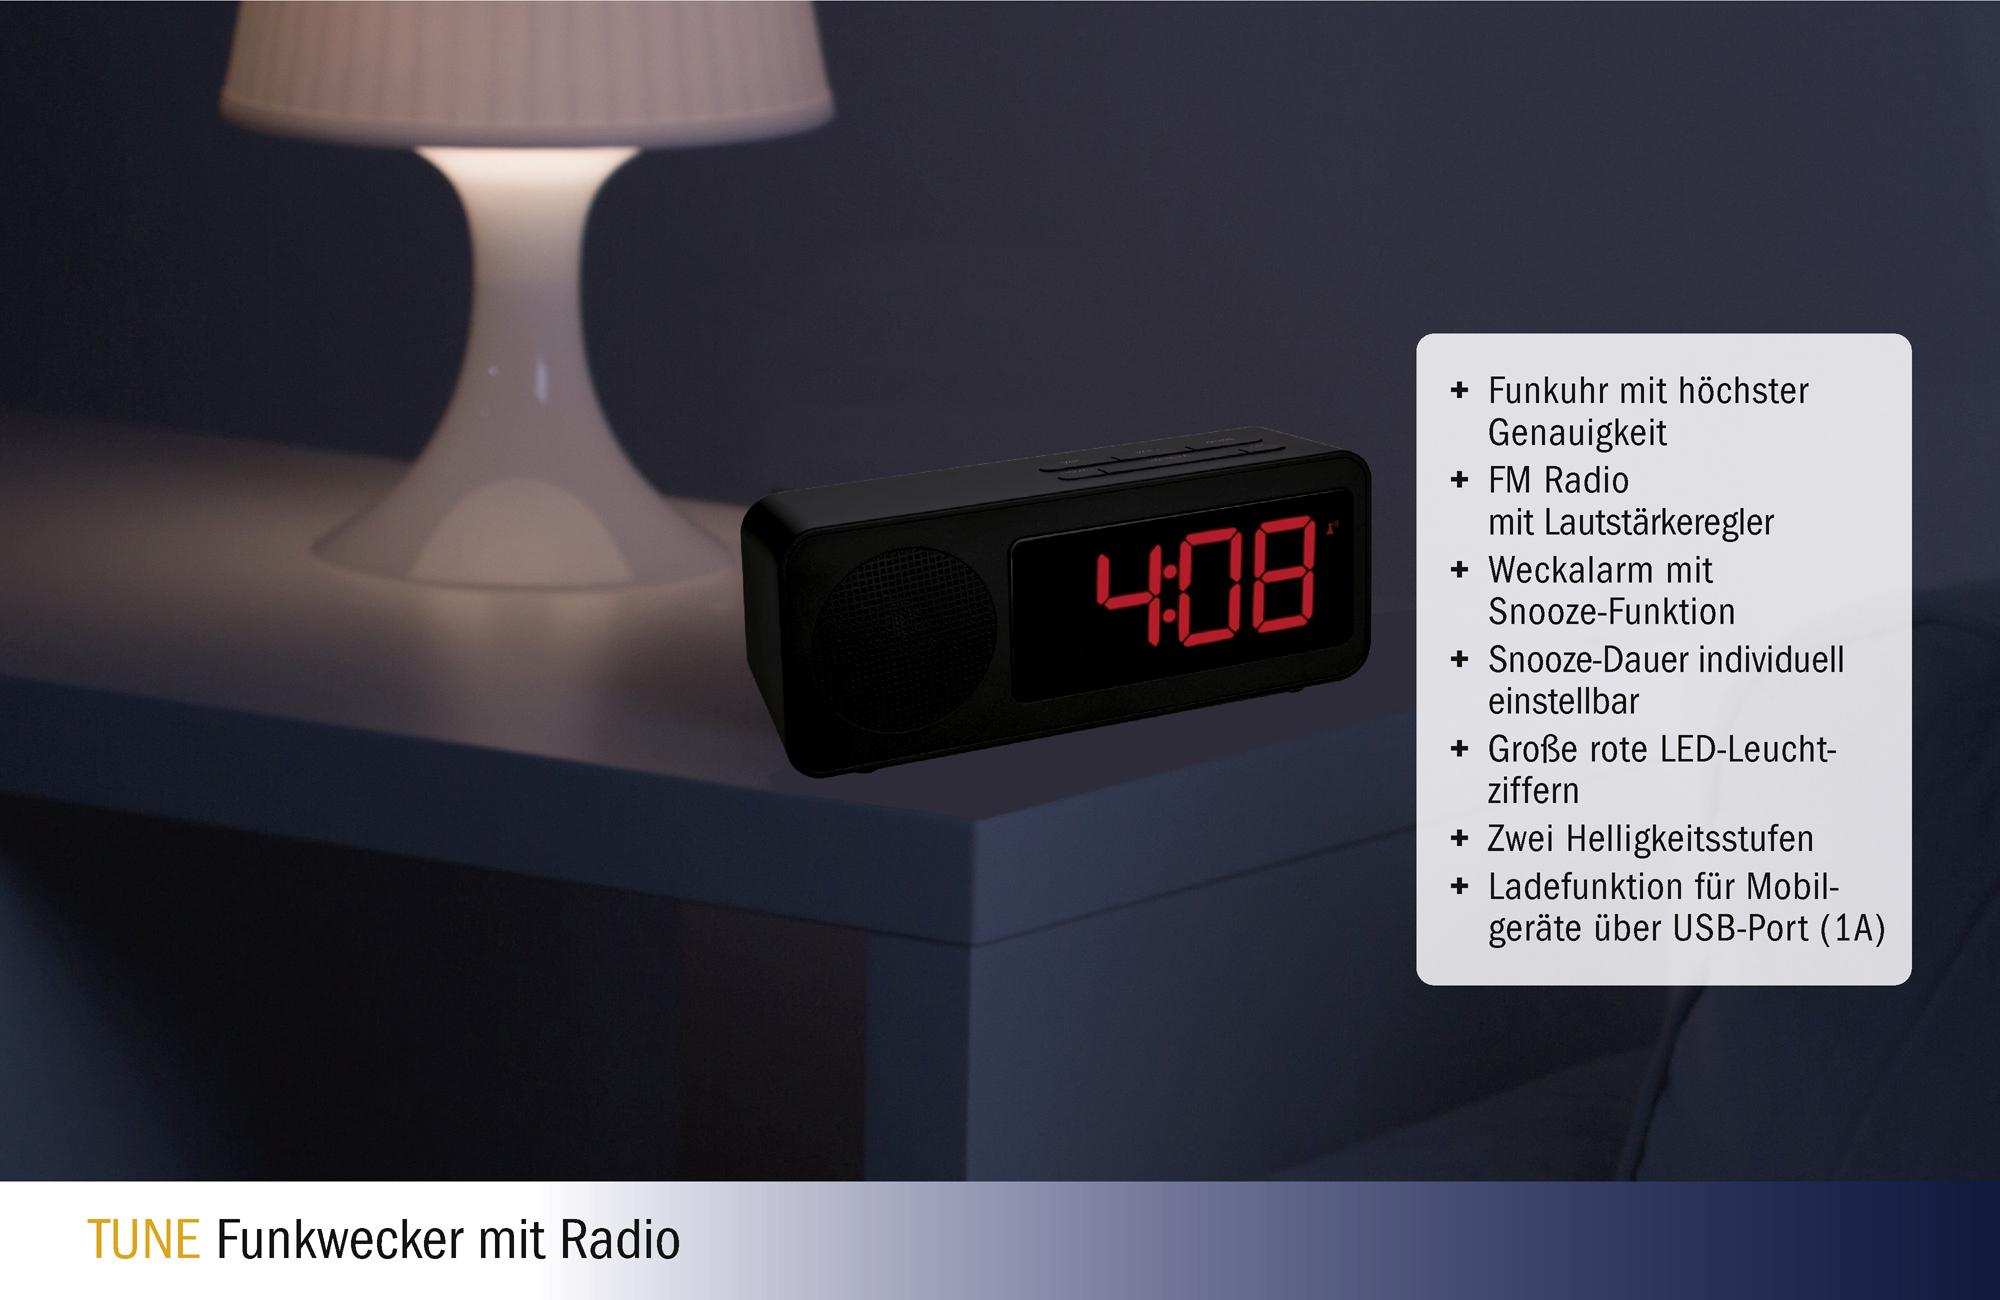 Tune_Funk-Wecker_mit Radio_60254601_Vorteile.jpg